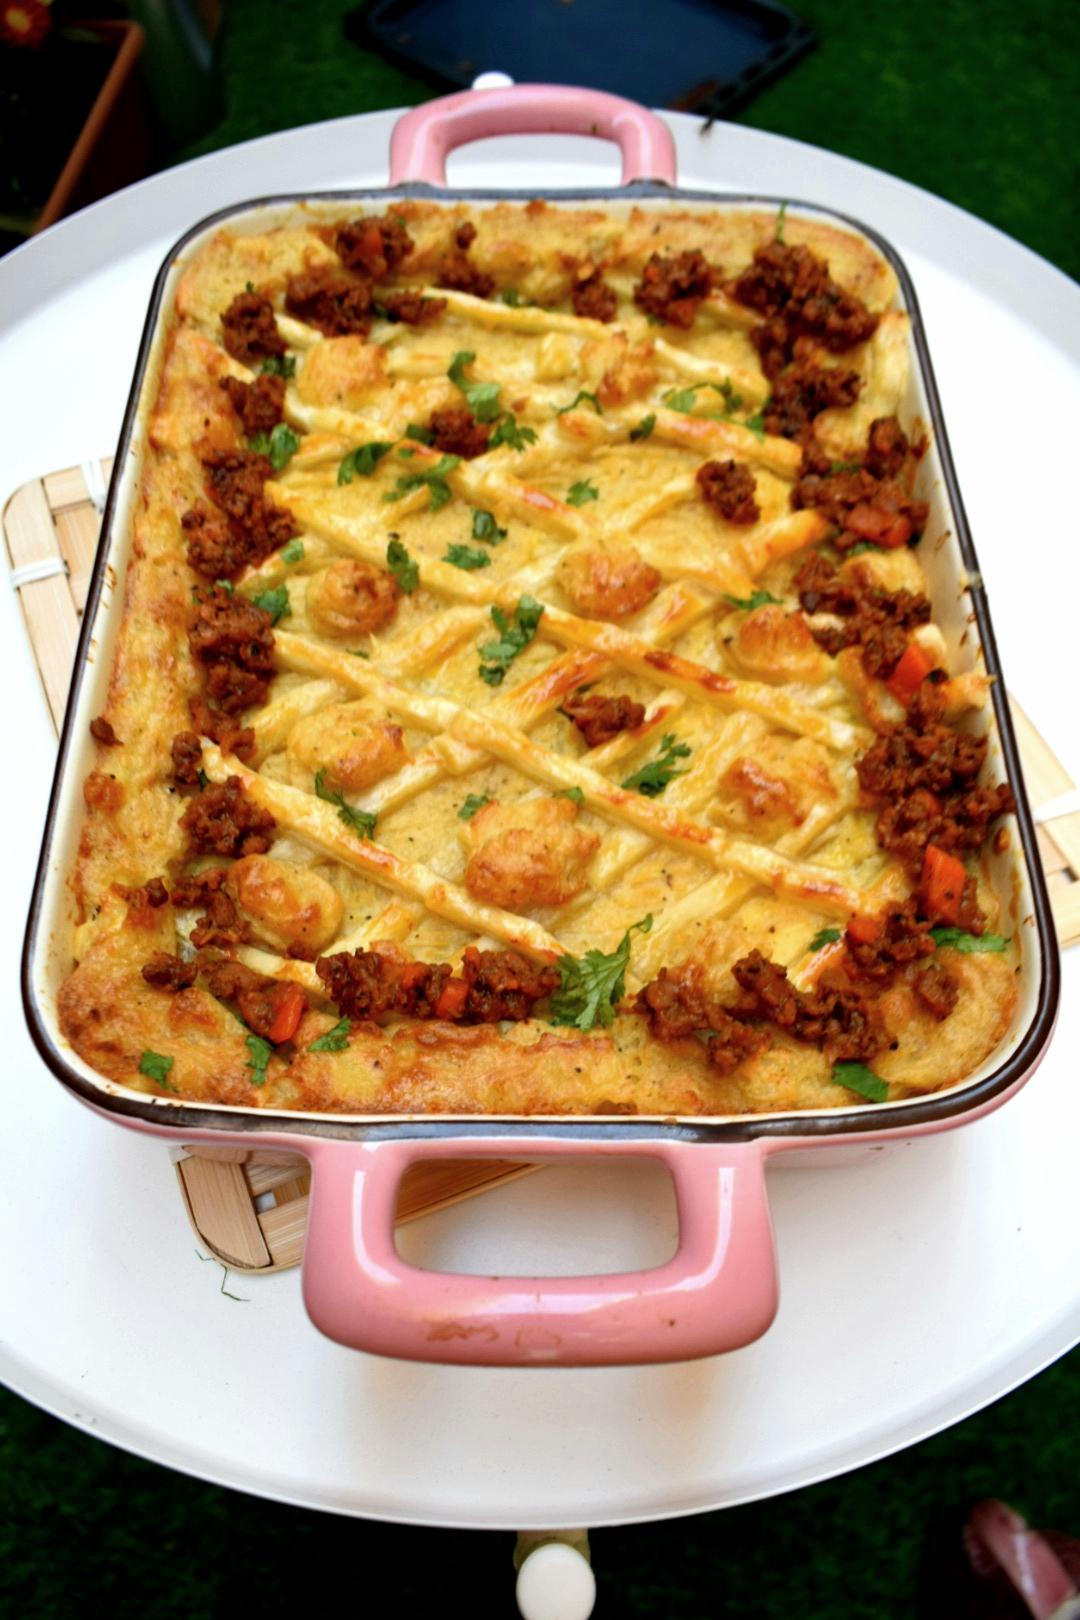 Shepeard's Pie